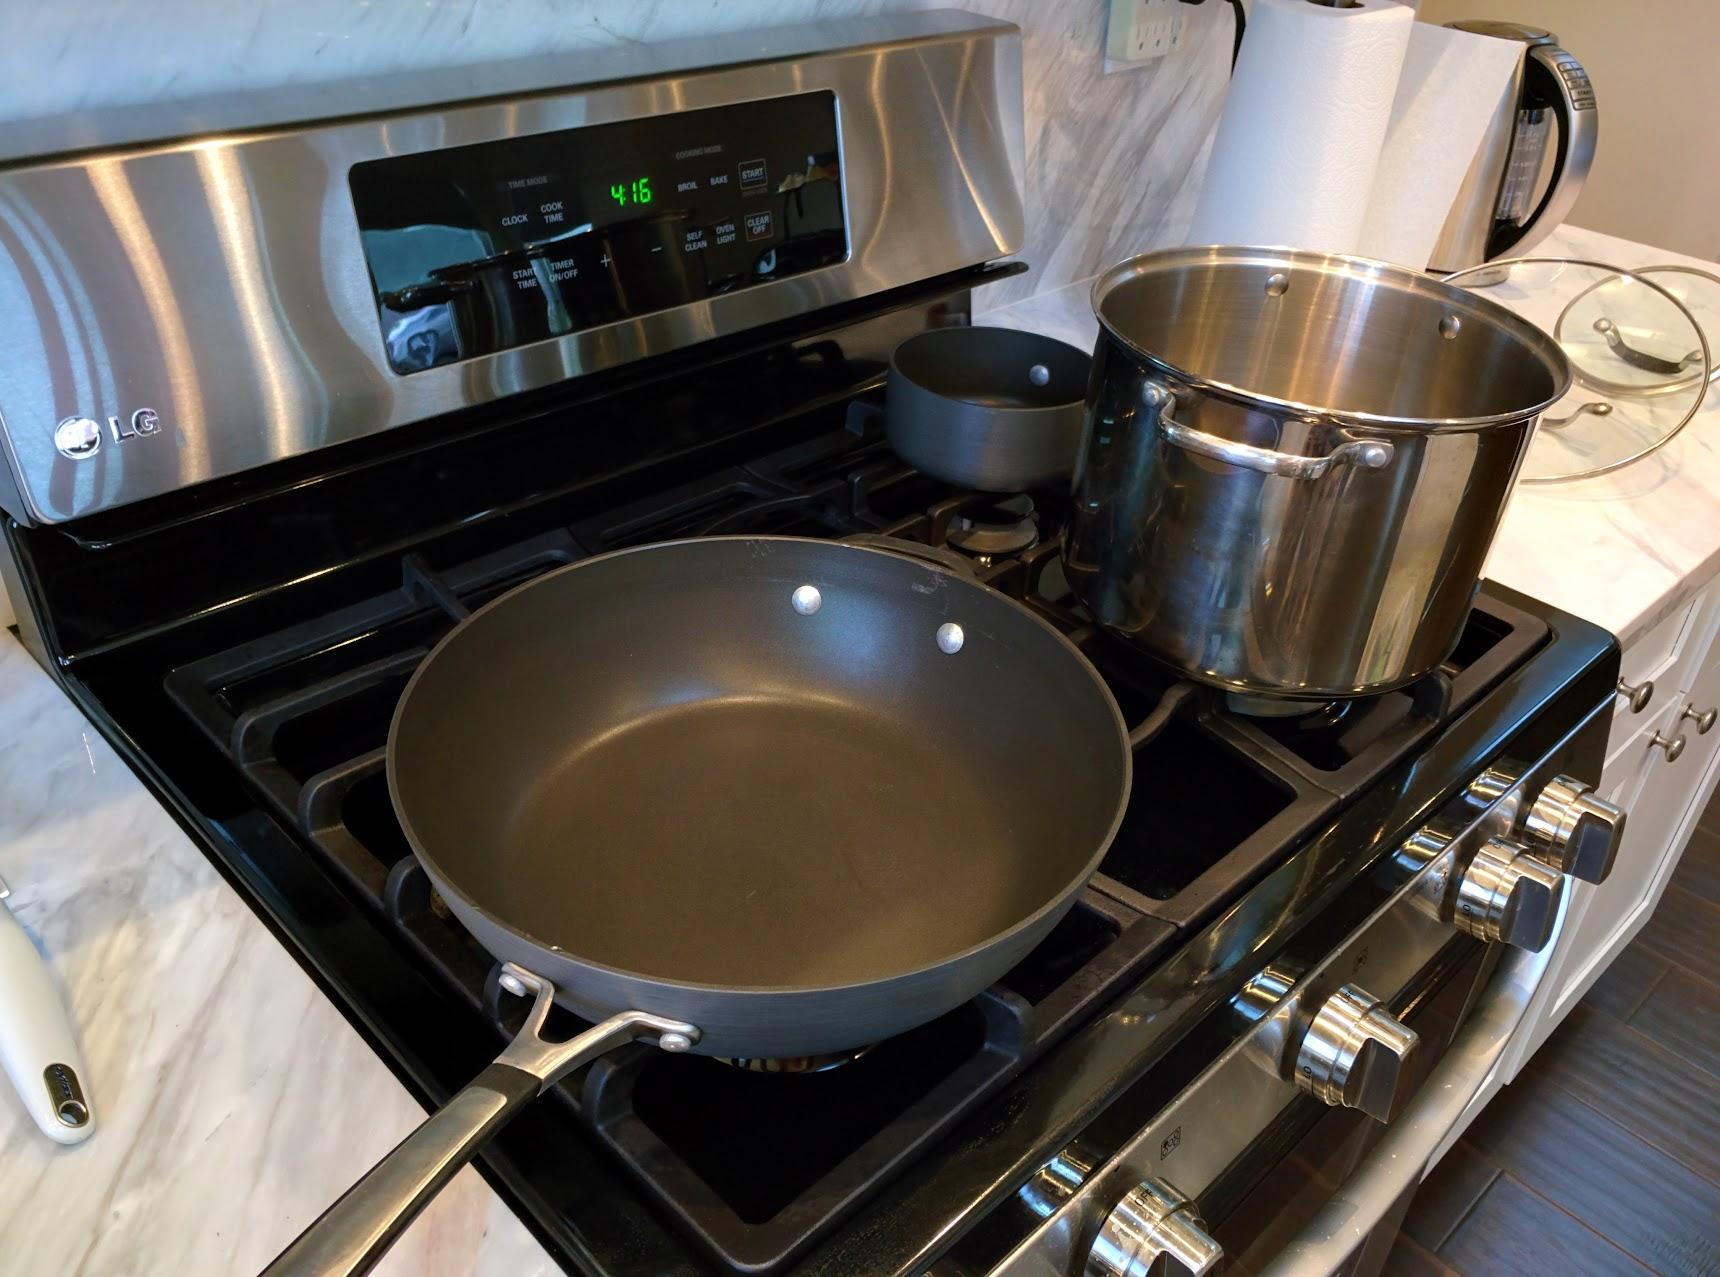 Wok, pot, small pot